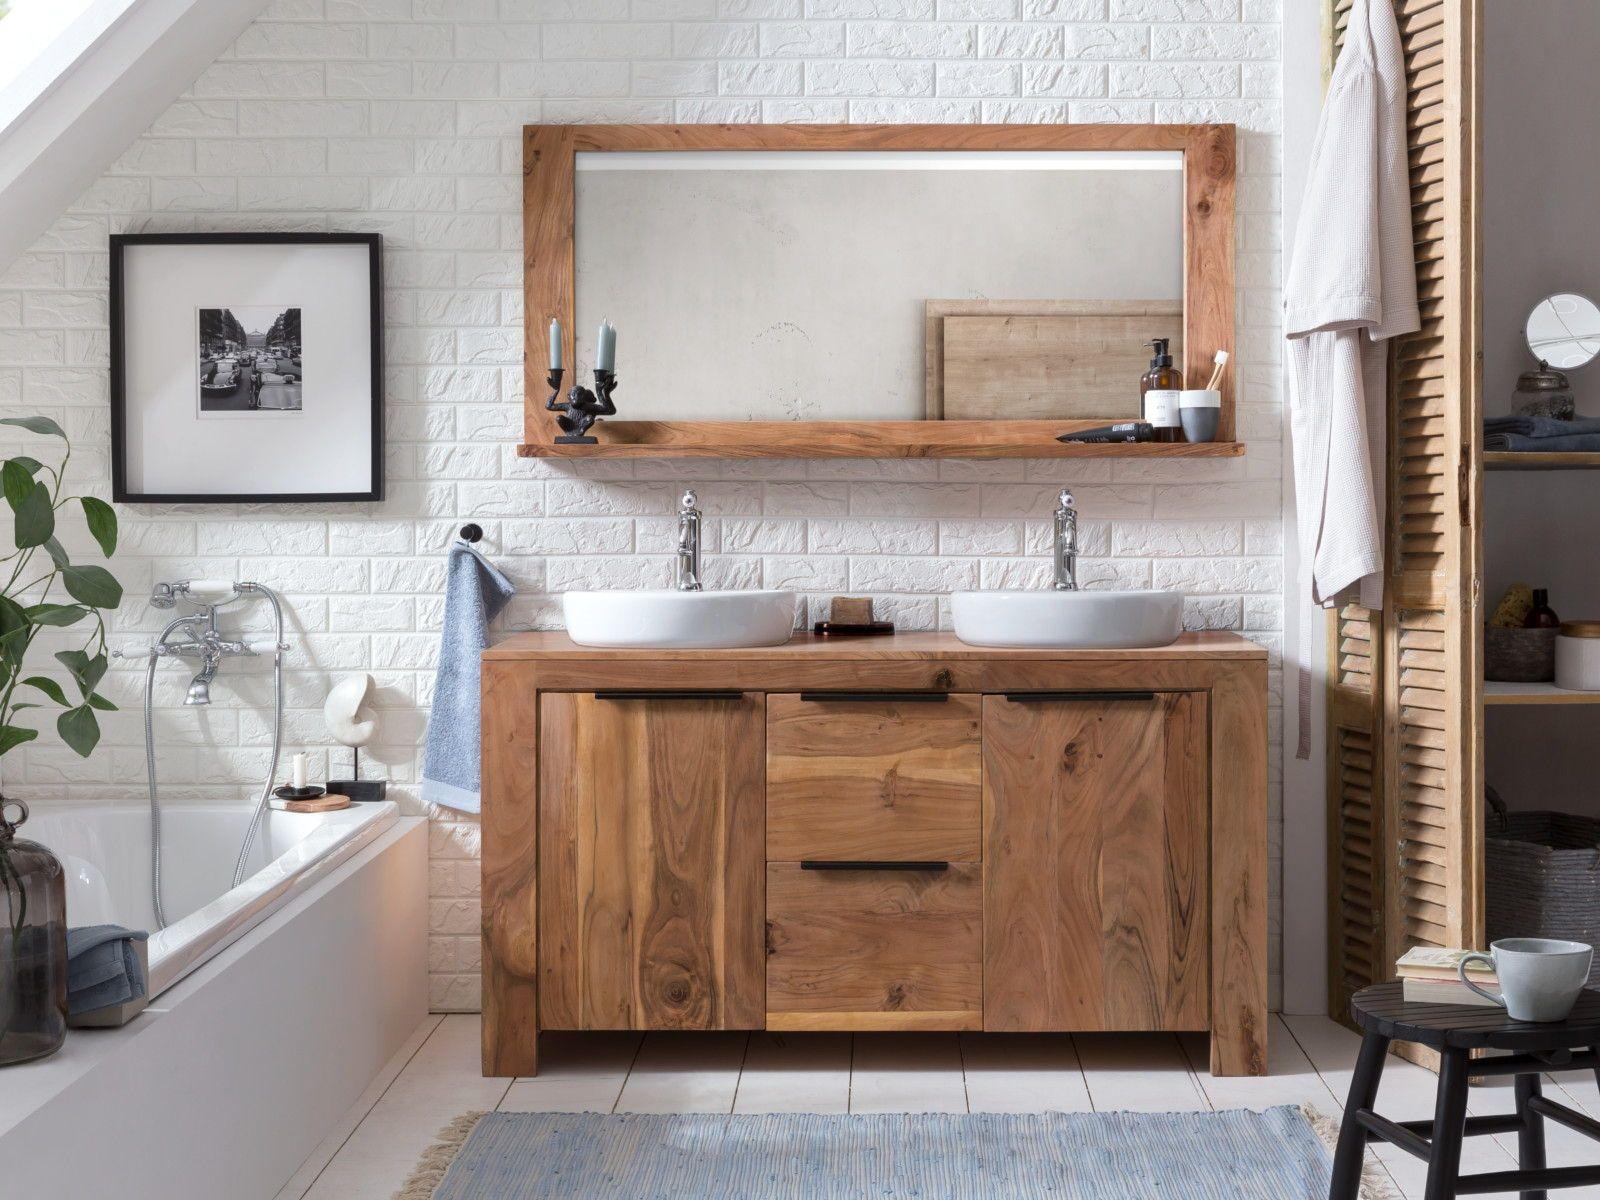 Waschtisch Auckland Waschtisch Waschtisch Holz Rustikal Badezimmer Rustikal